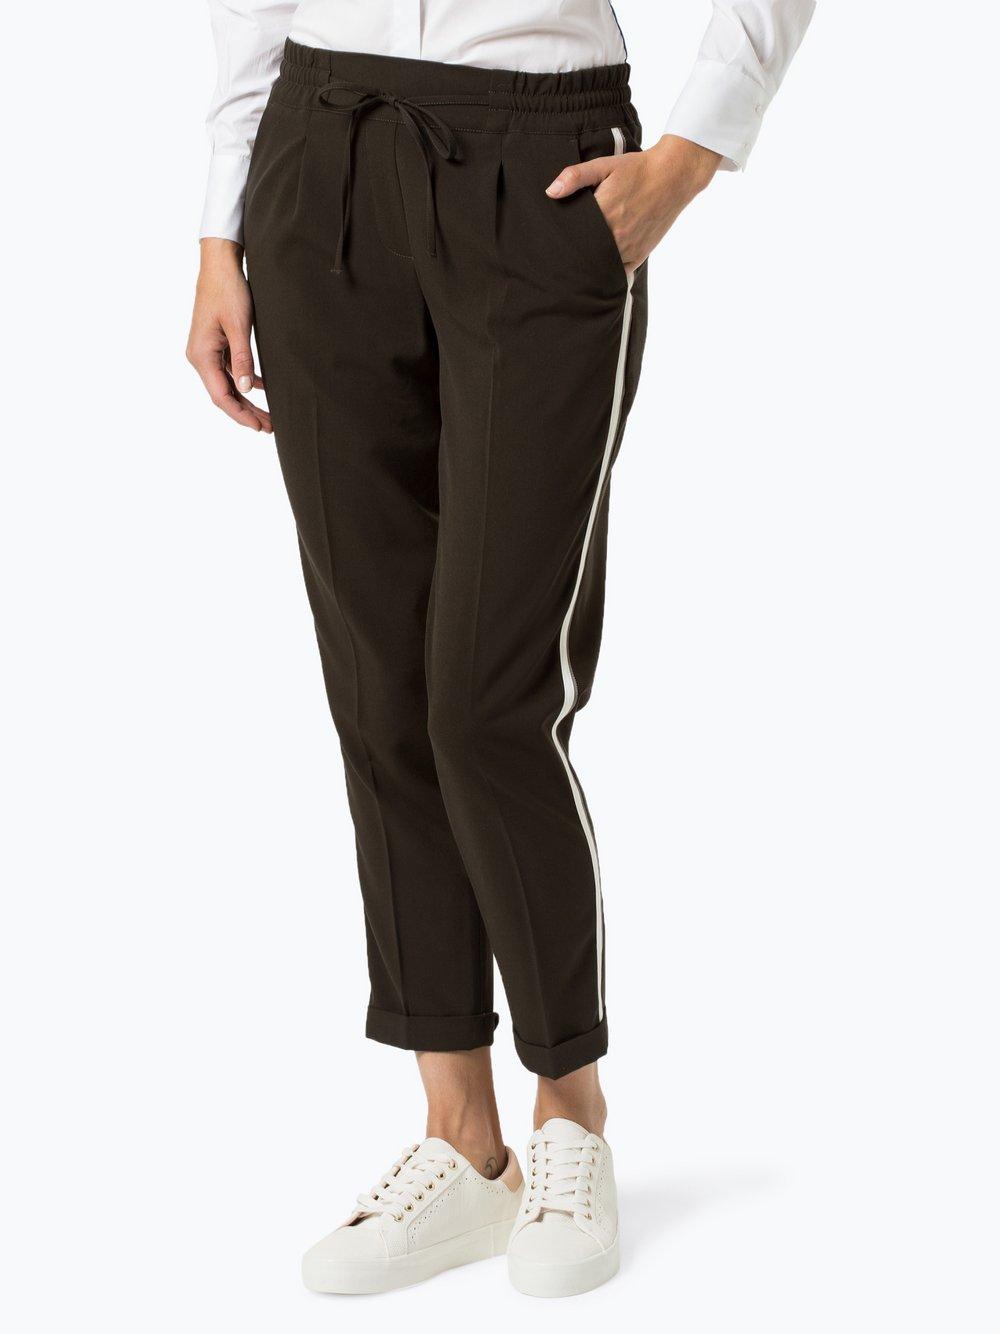 Durchsuchen Sie die neuesten Kollektionen Einkaufen besserer Preis für Opus Damen Hose - Melosa pin online kaufen | PEEK-UND ...